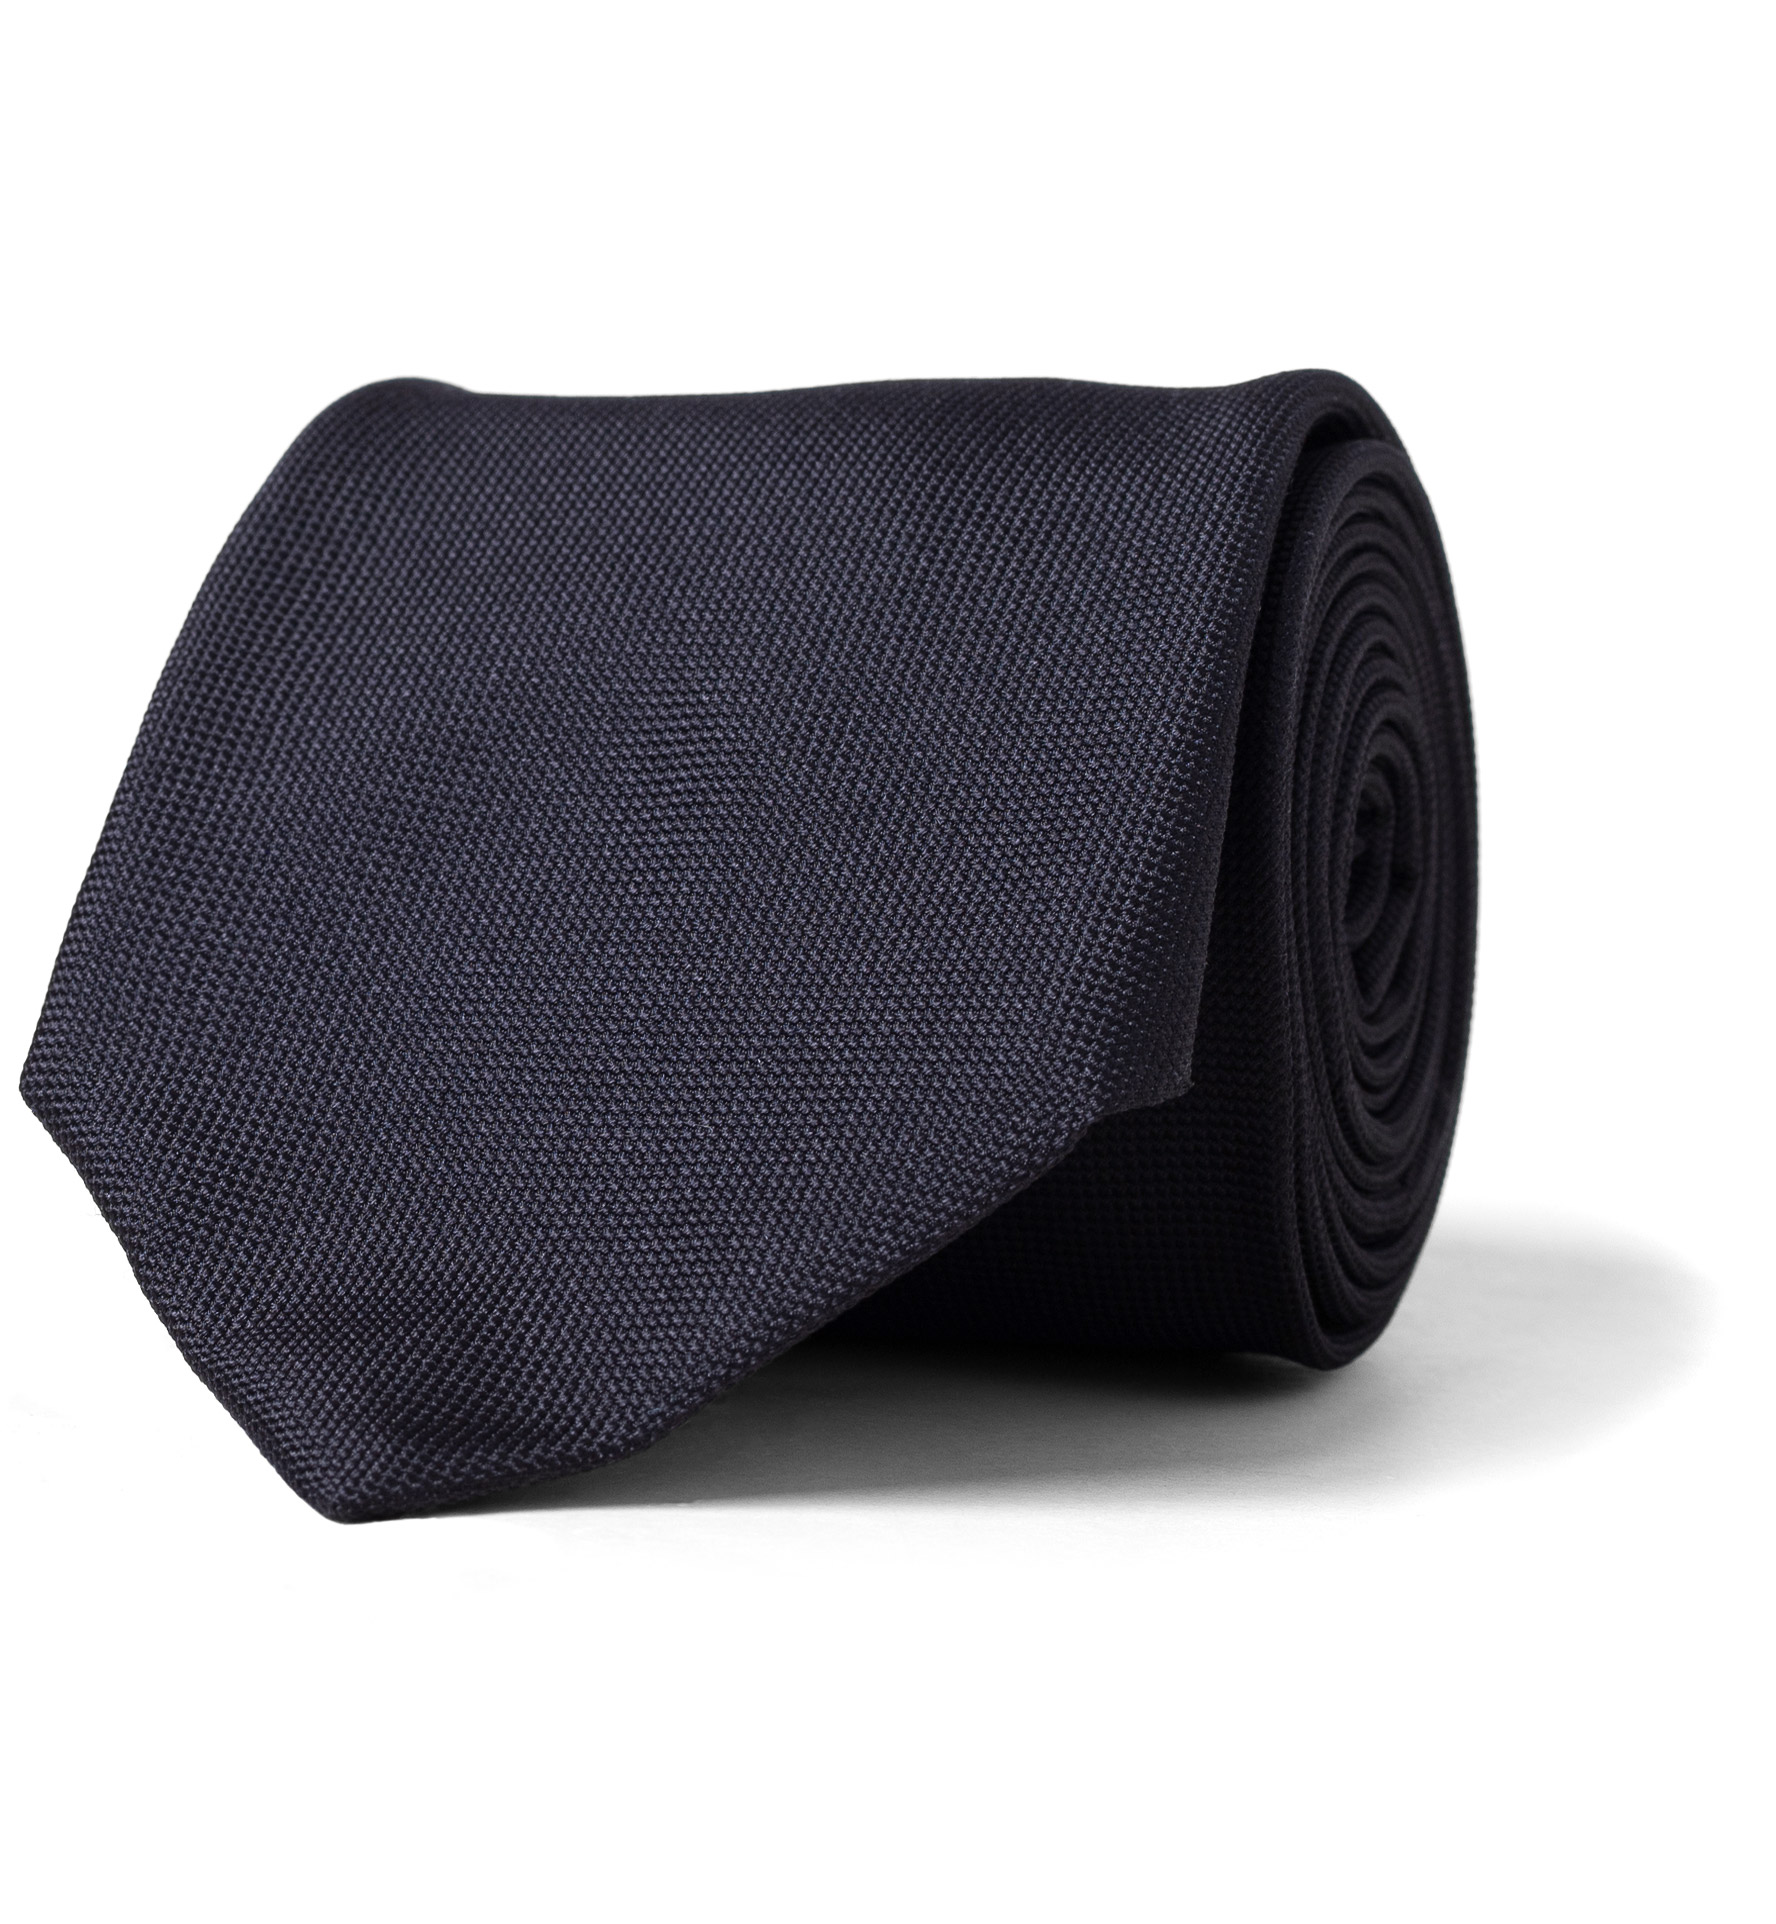 Zoom Image of Navy Textured Silk Tie